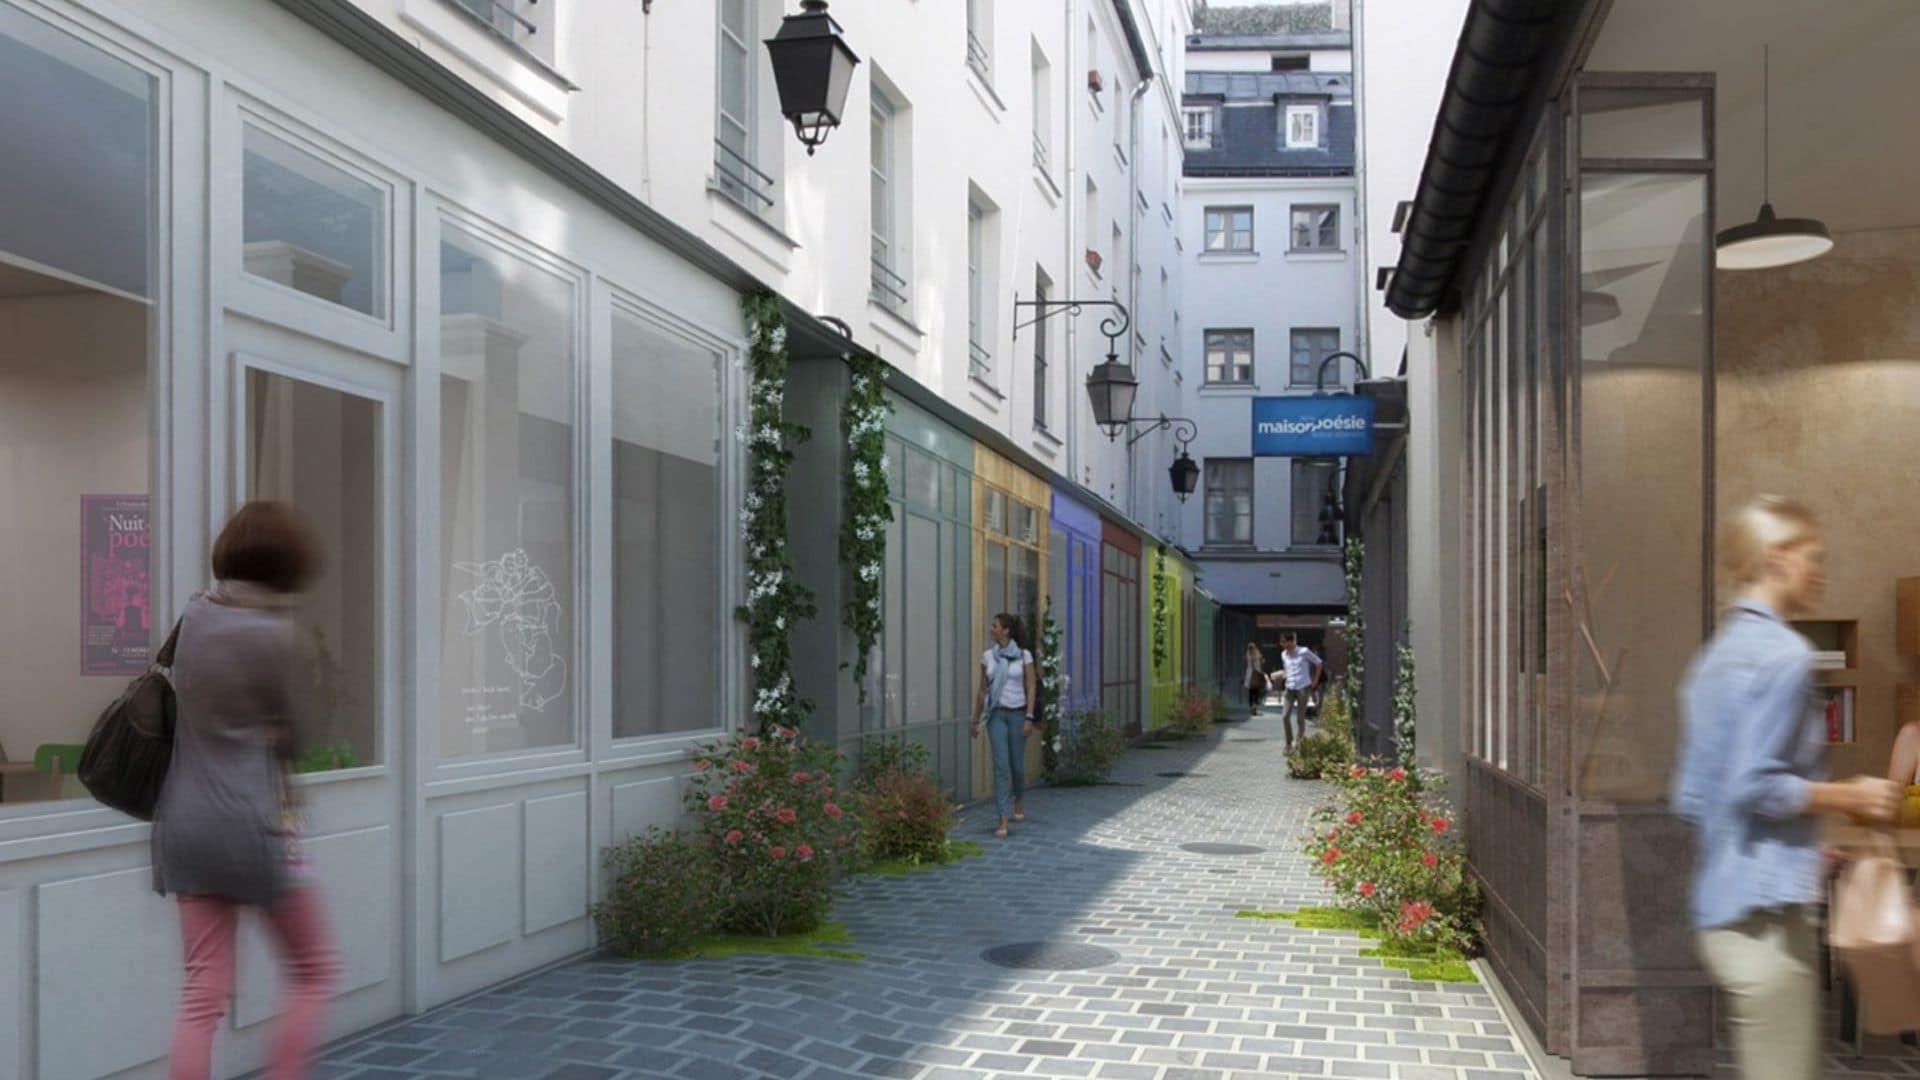 Le magnifique passage Molière en rénovation est à la recherche de 6 nouveaux commerces culturels !